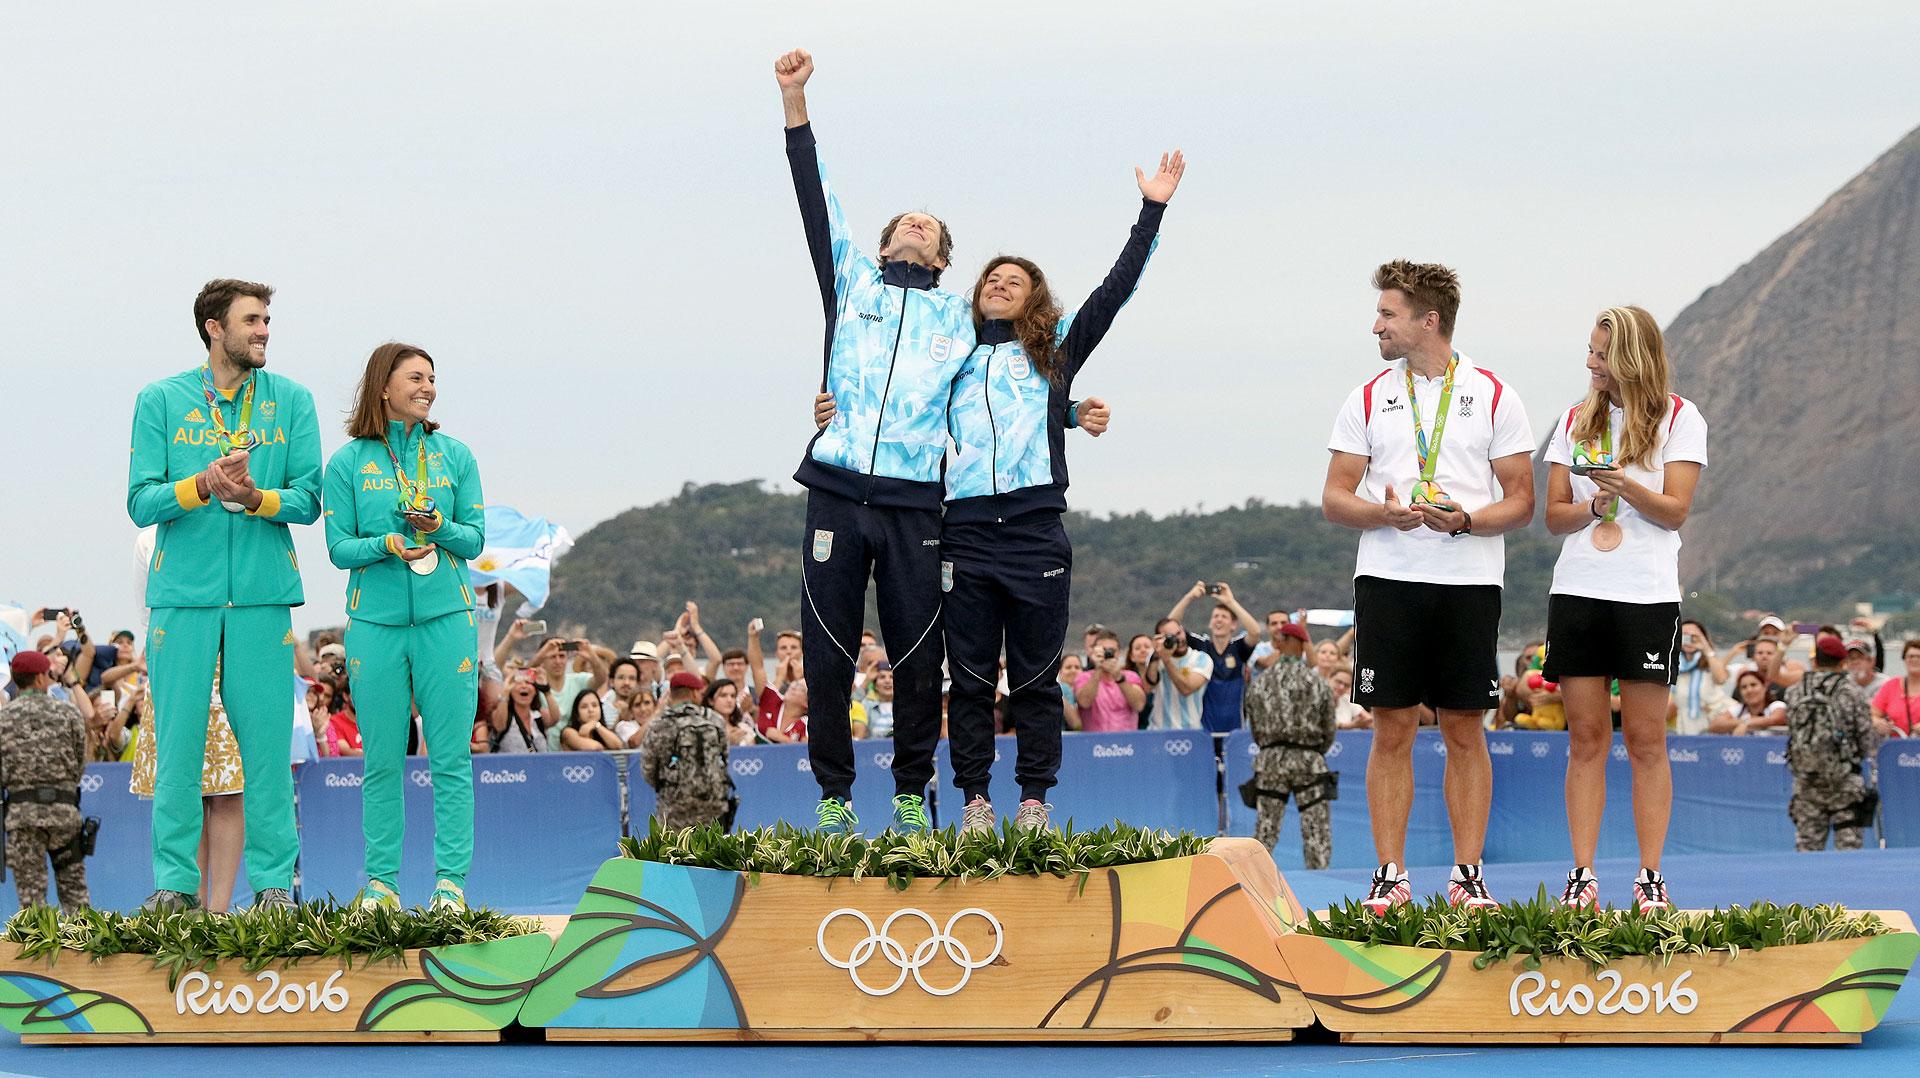 El binomio argentino formado por Santiago Lange y Cecilia Carranza logró el oro en los Juegos Olímpicos en la clase Nacra 17 de yachting (Nicolás Stulberg)